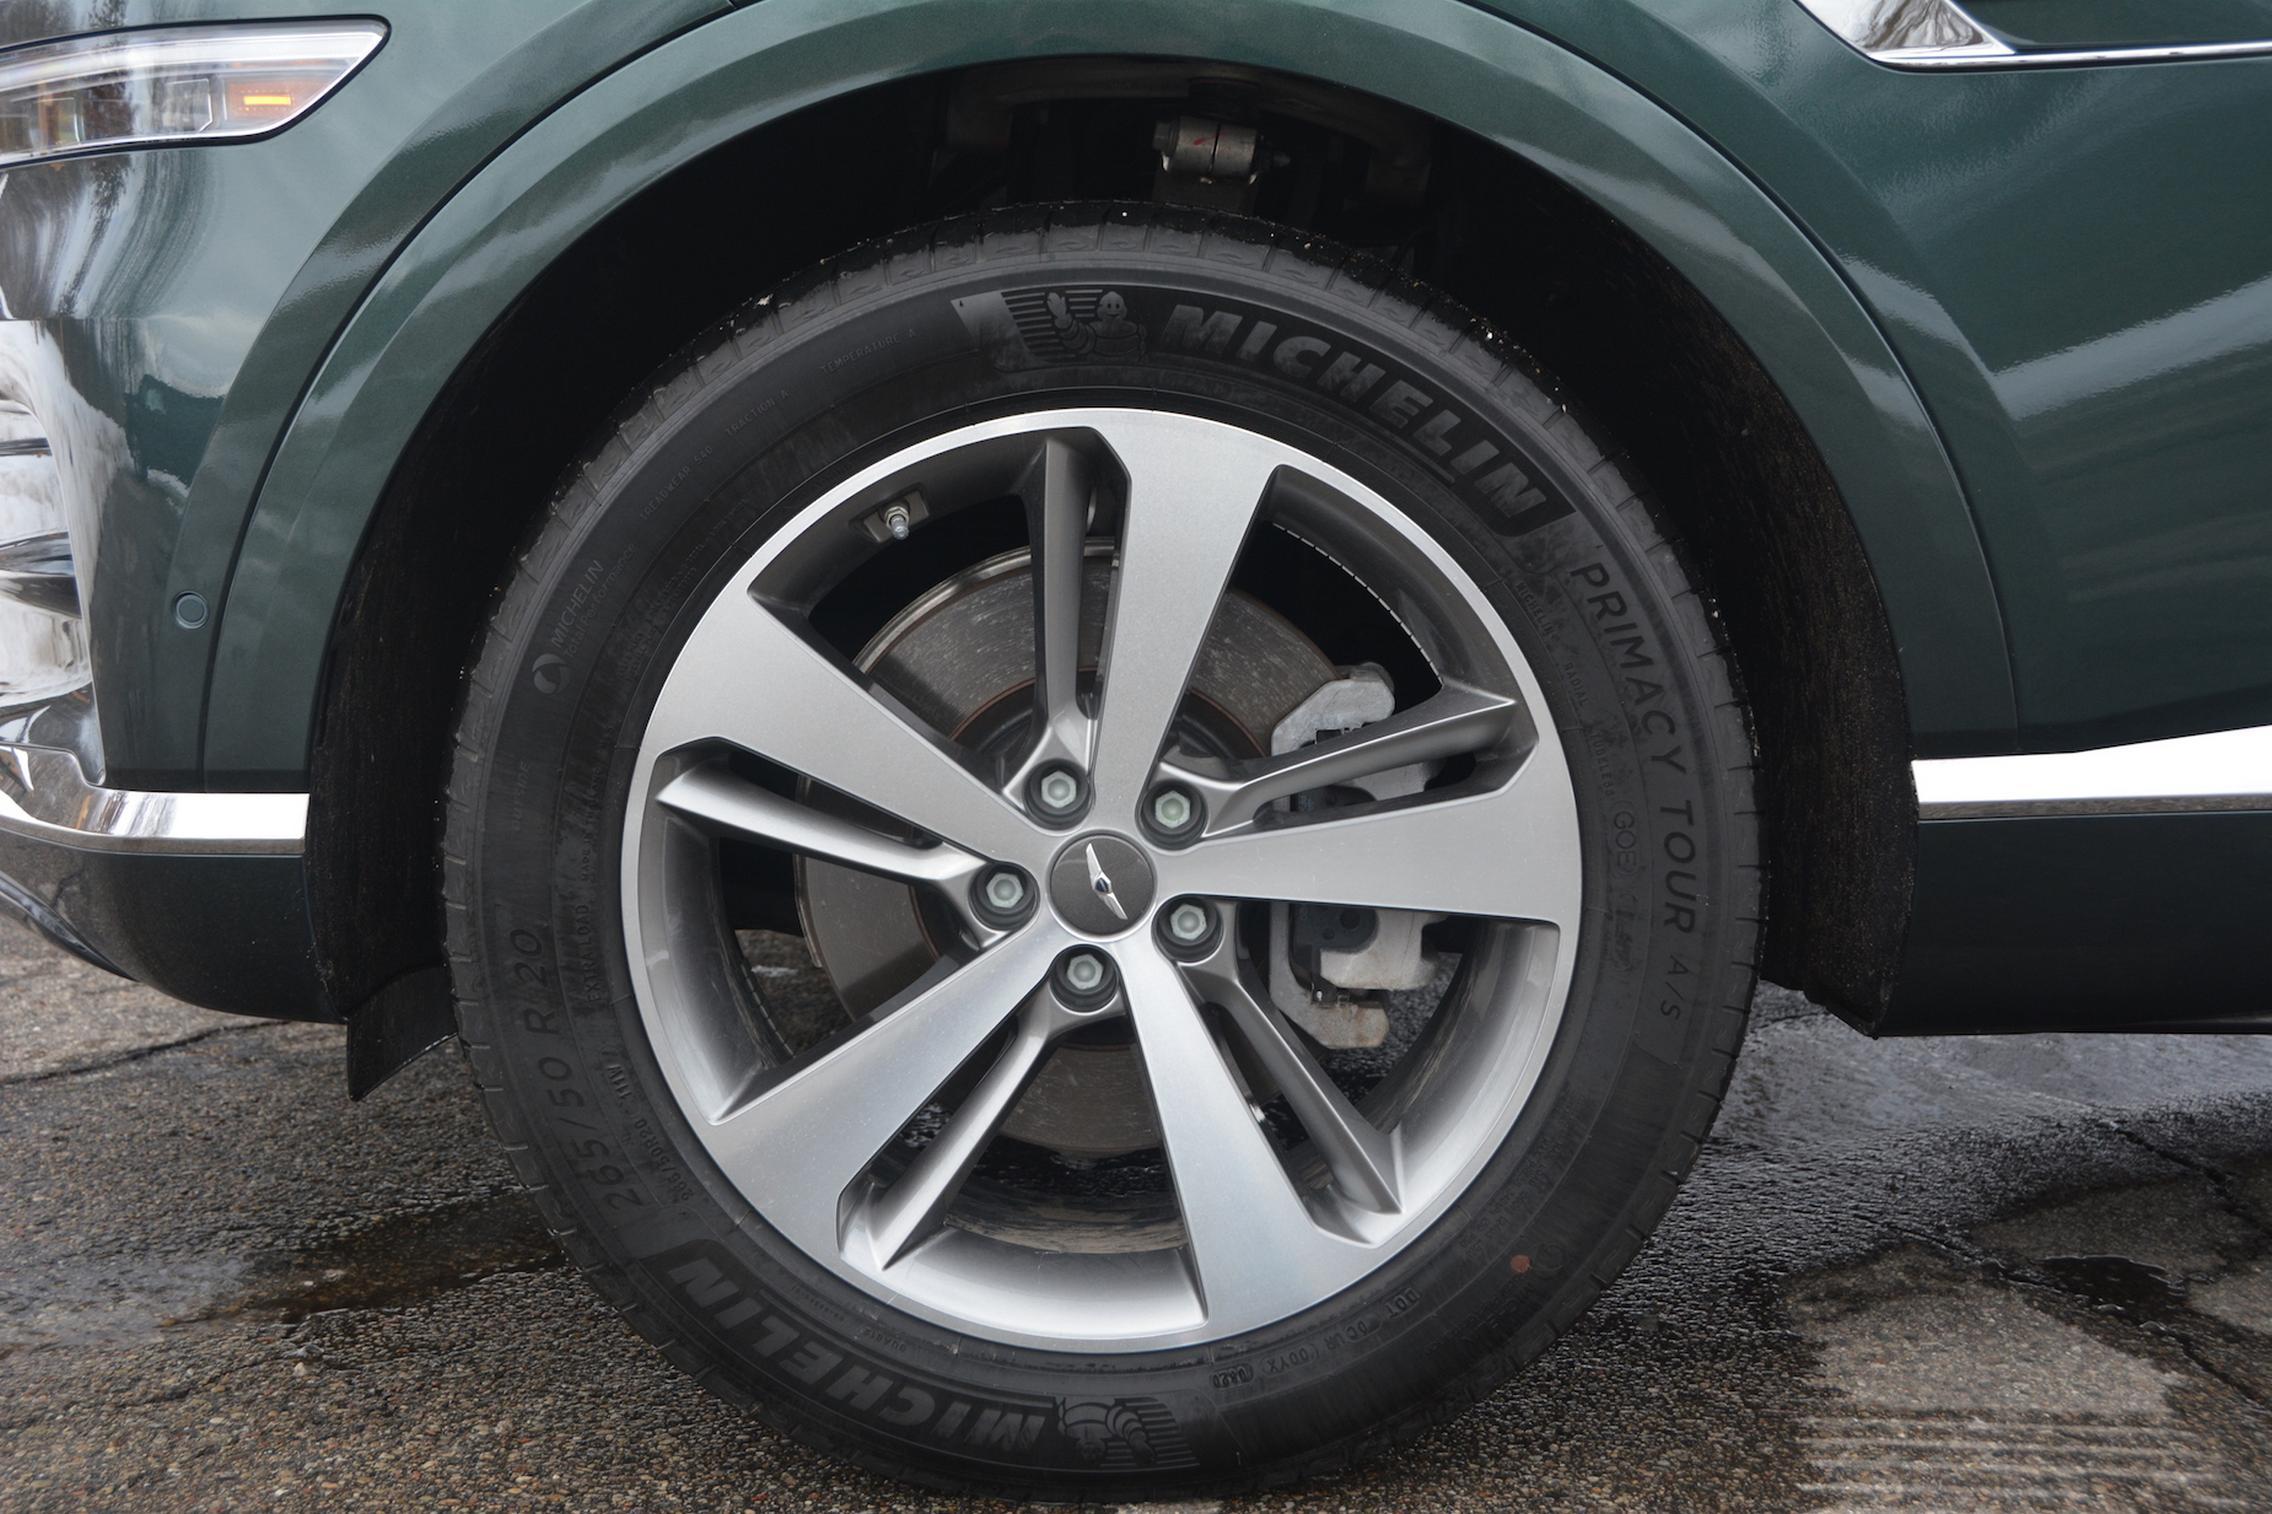 2021 Genesis GV80 wheels